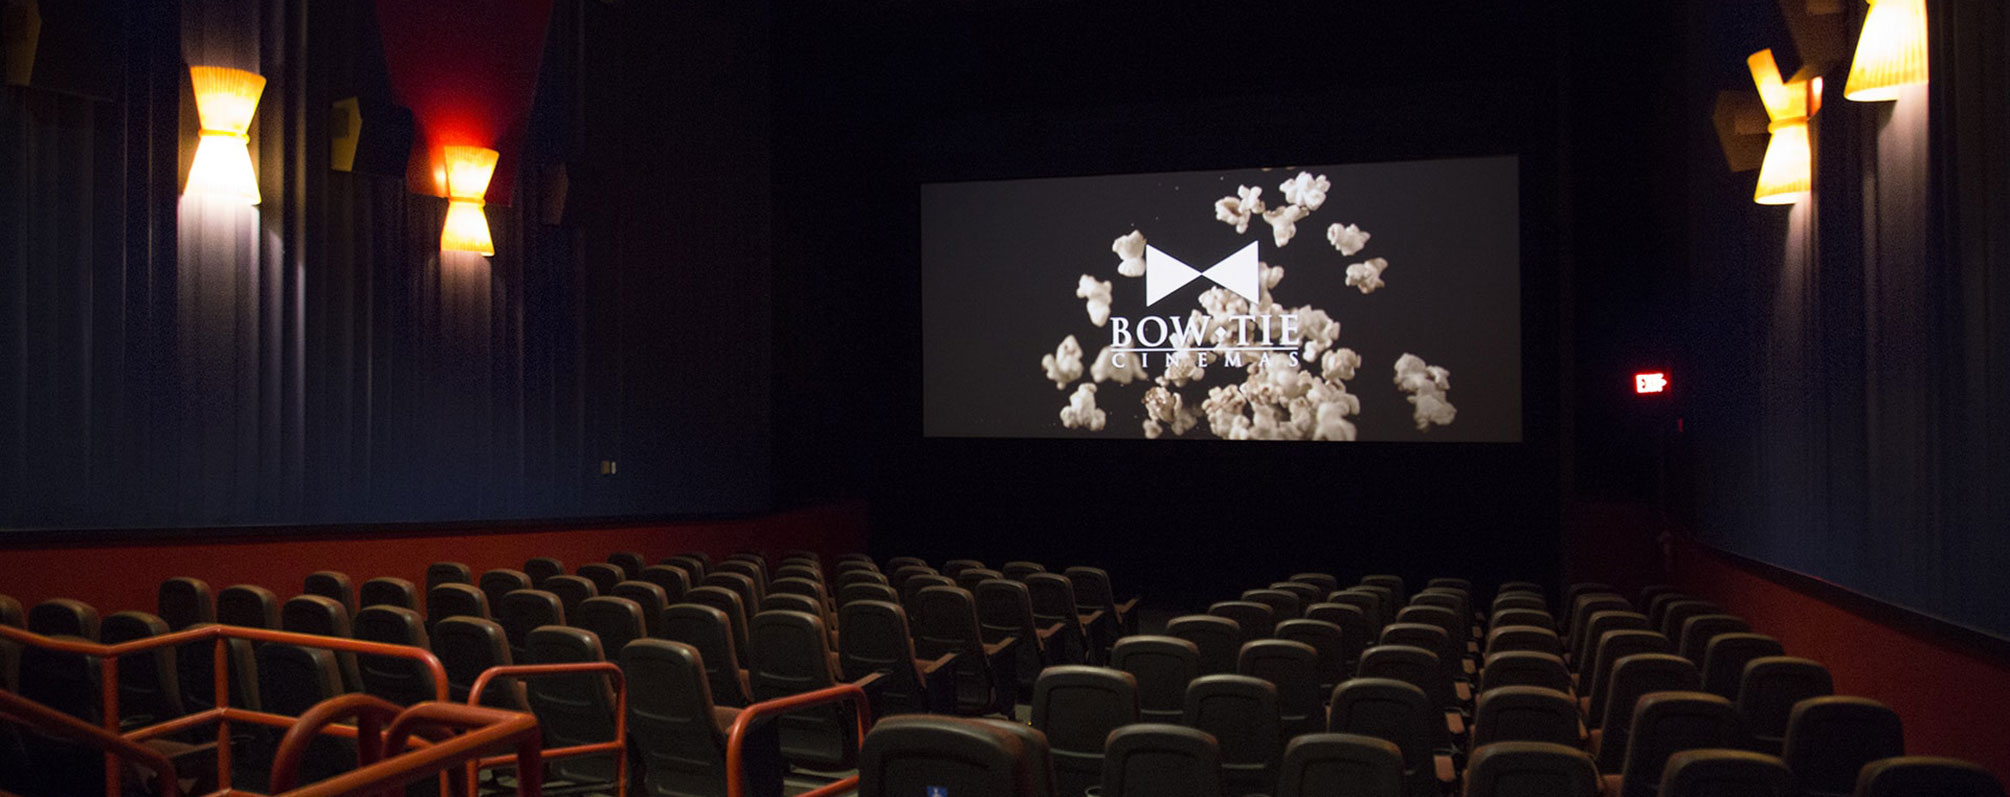 bow tie cinemas harbor 9 photo - 1